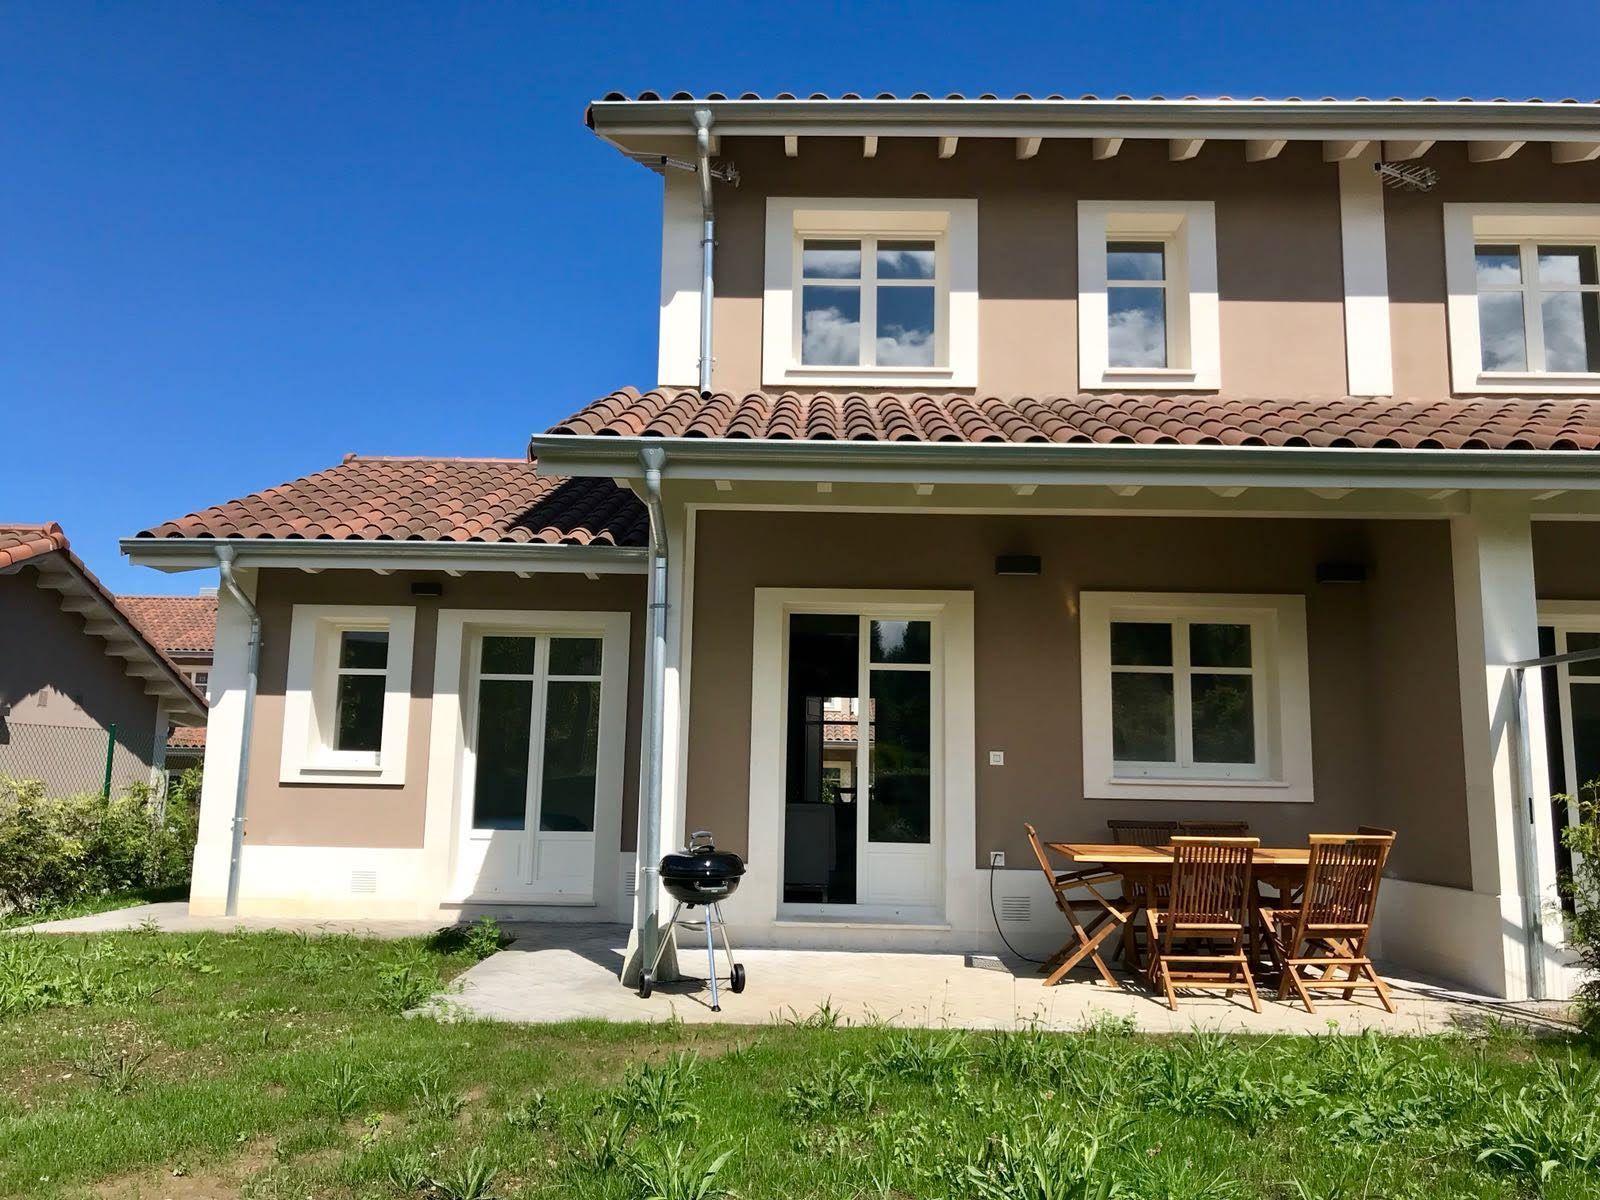 Ferienhaus für 6 Personen ca. 114 m² in    Costa Verde